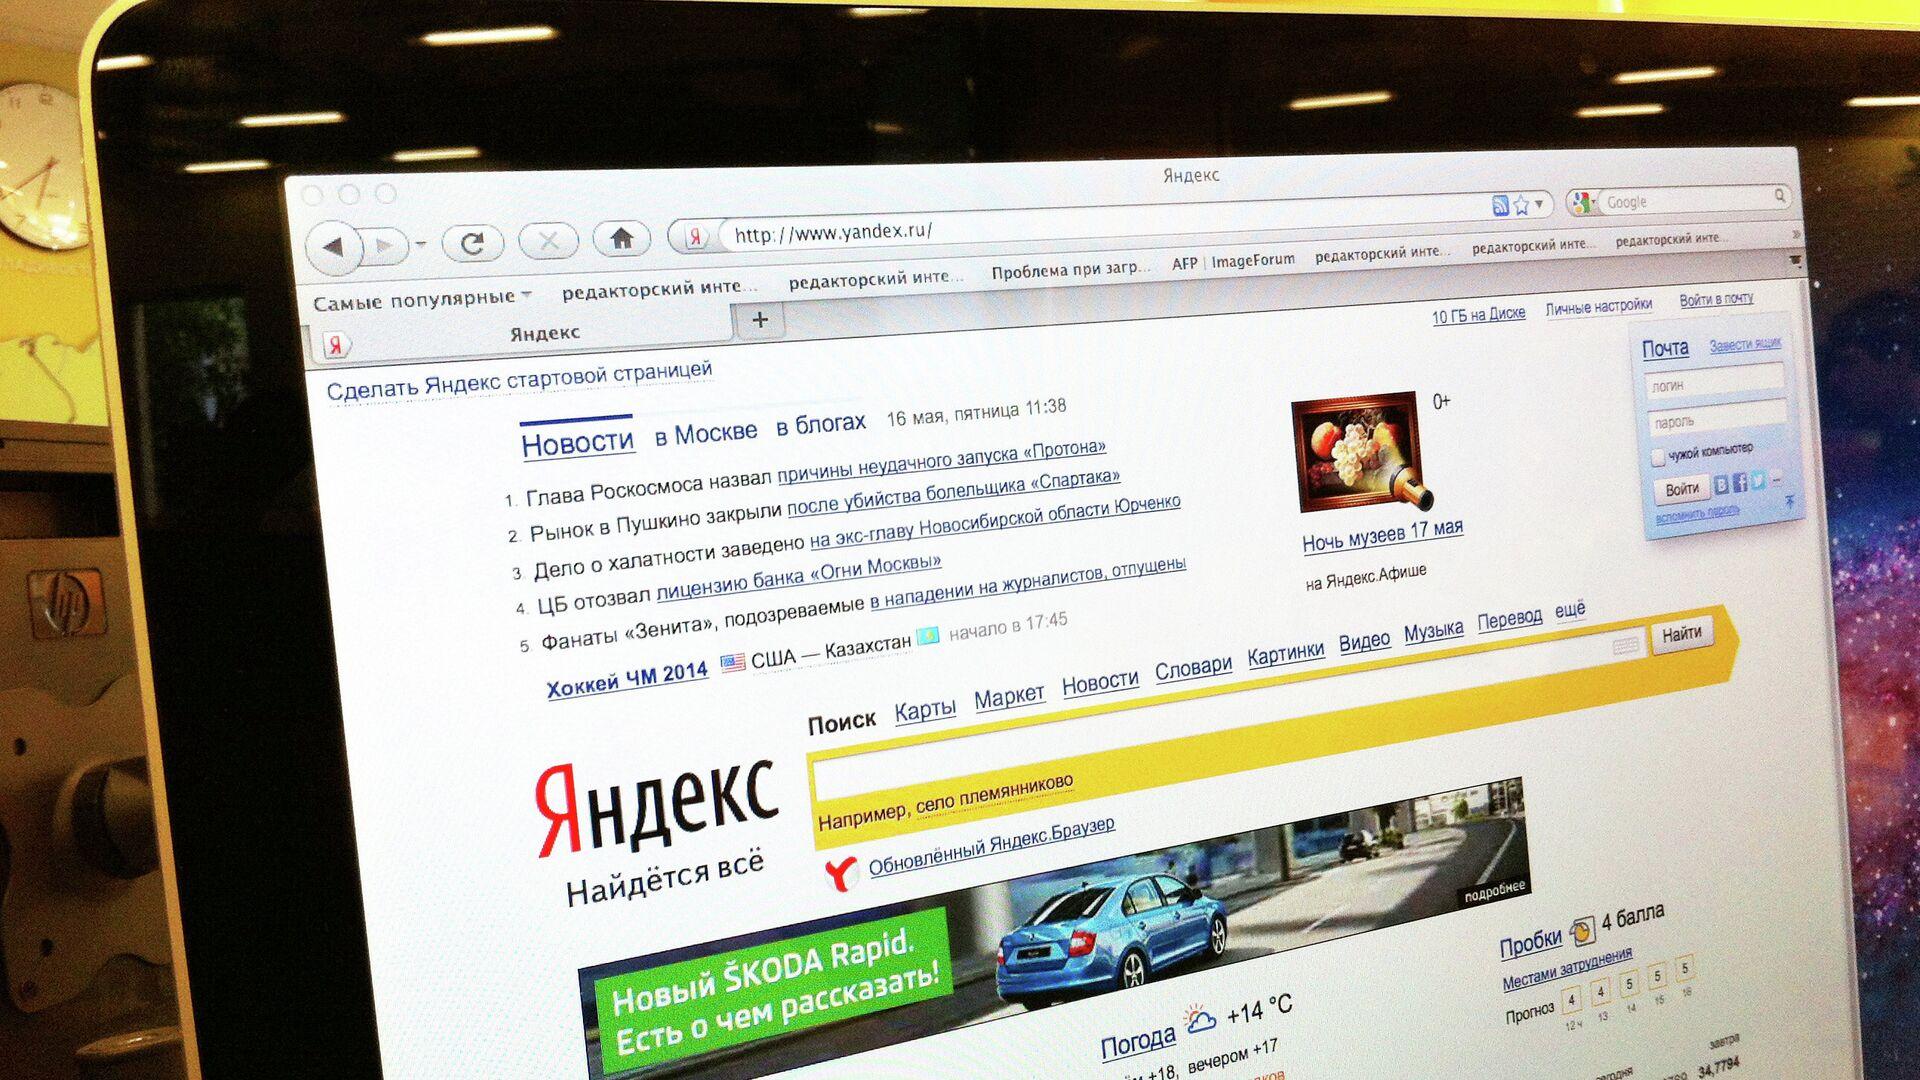 """Акции """"Яндекса"""" снижаются на фоне возбуждения дела ФАС"""